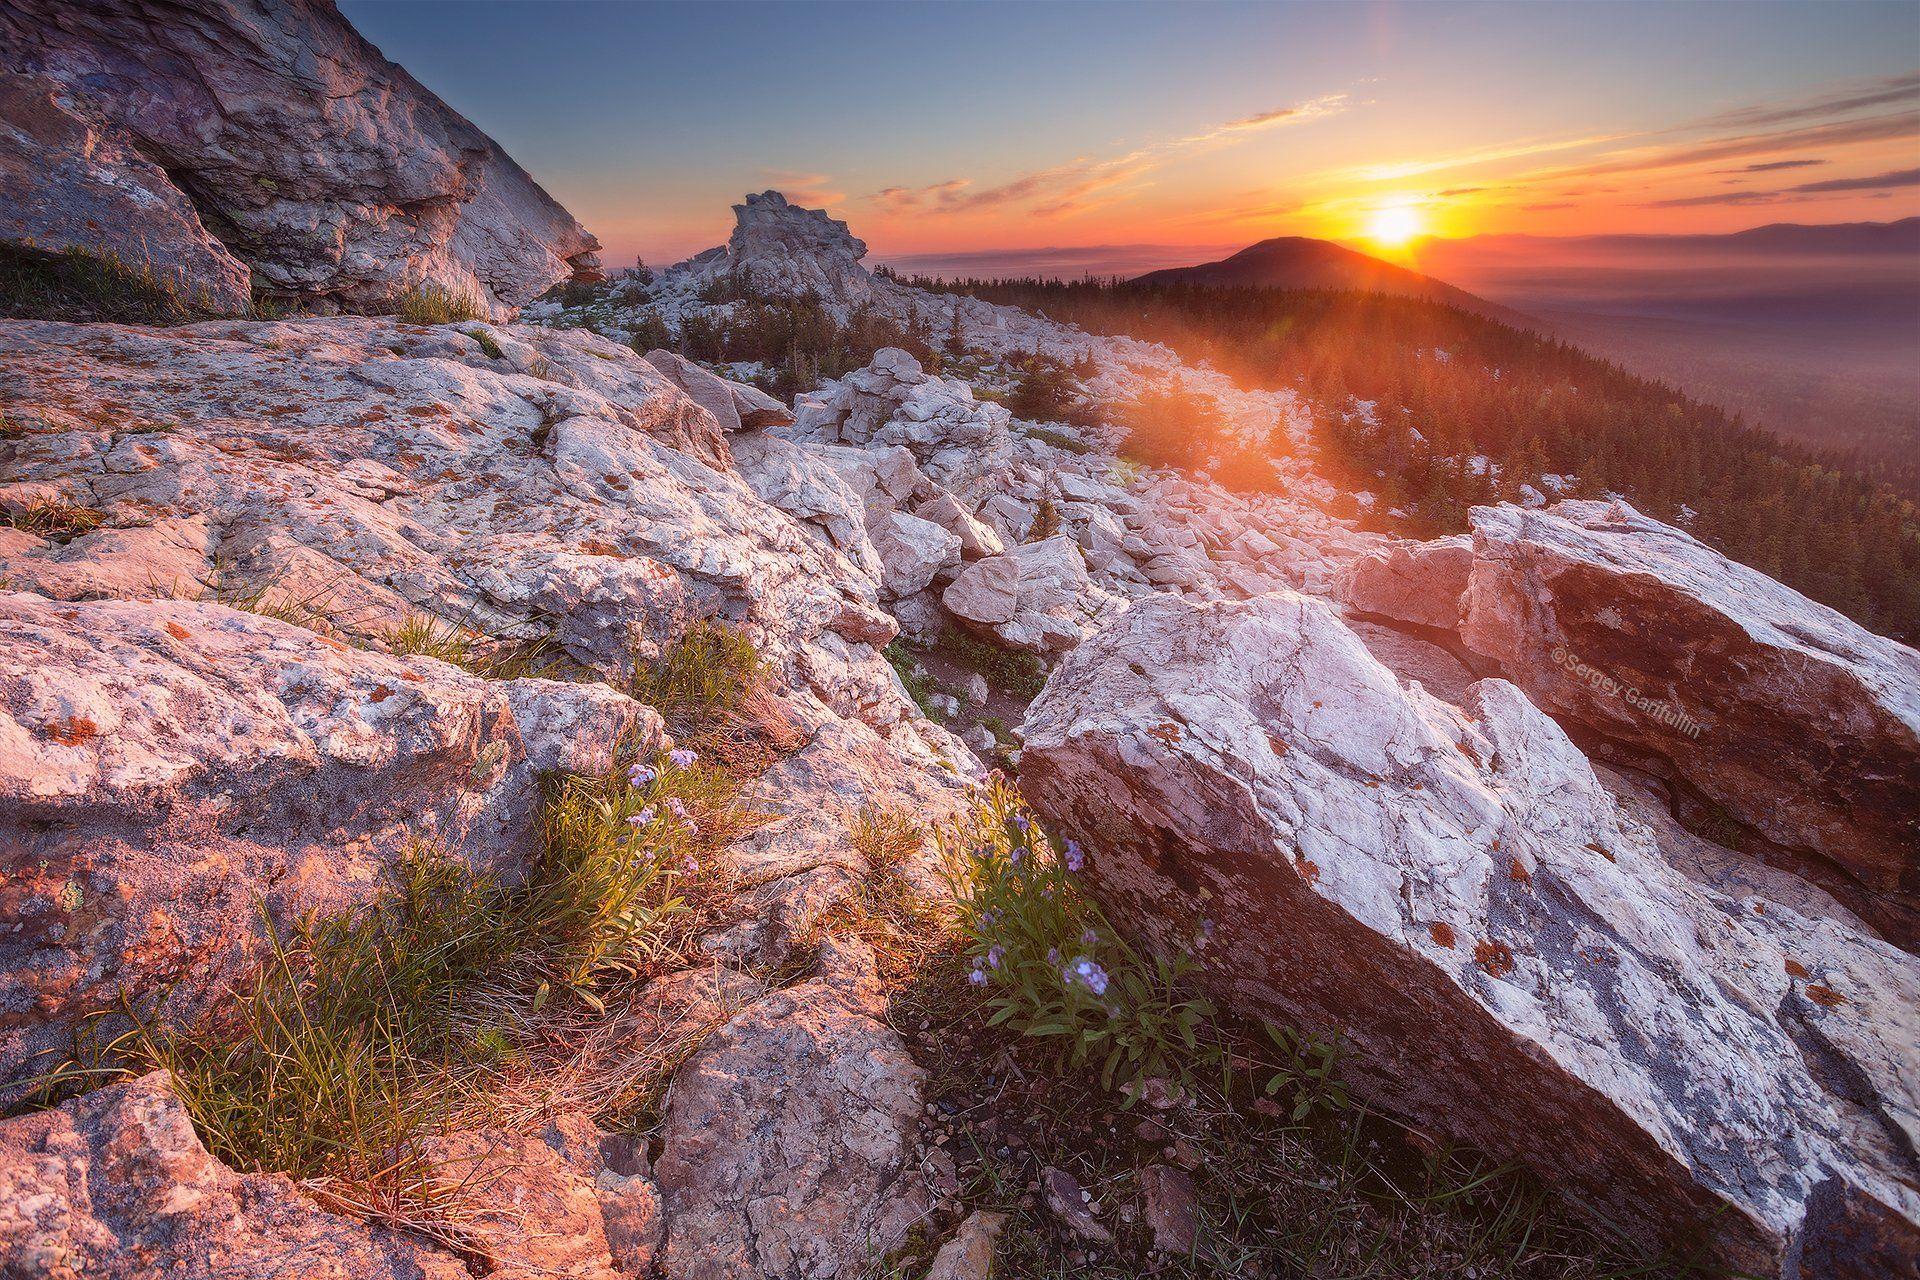 зюраткуль, урал, южный урал, рассвет,  закат, горы, гора, уральские горы, Сергей Гарифуллин